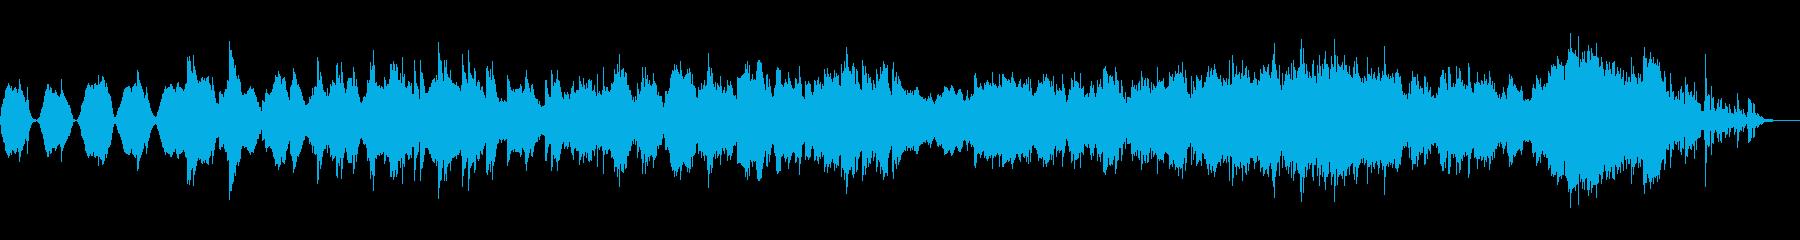 和風で優しい癒し系の楽曲の再生済みの波形